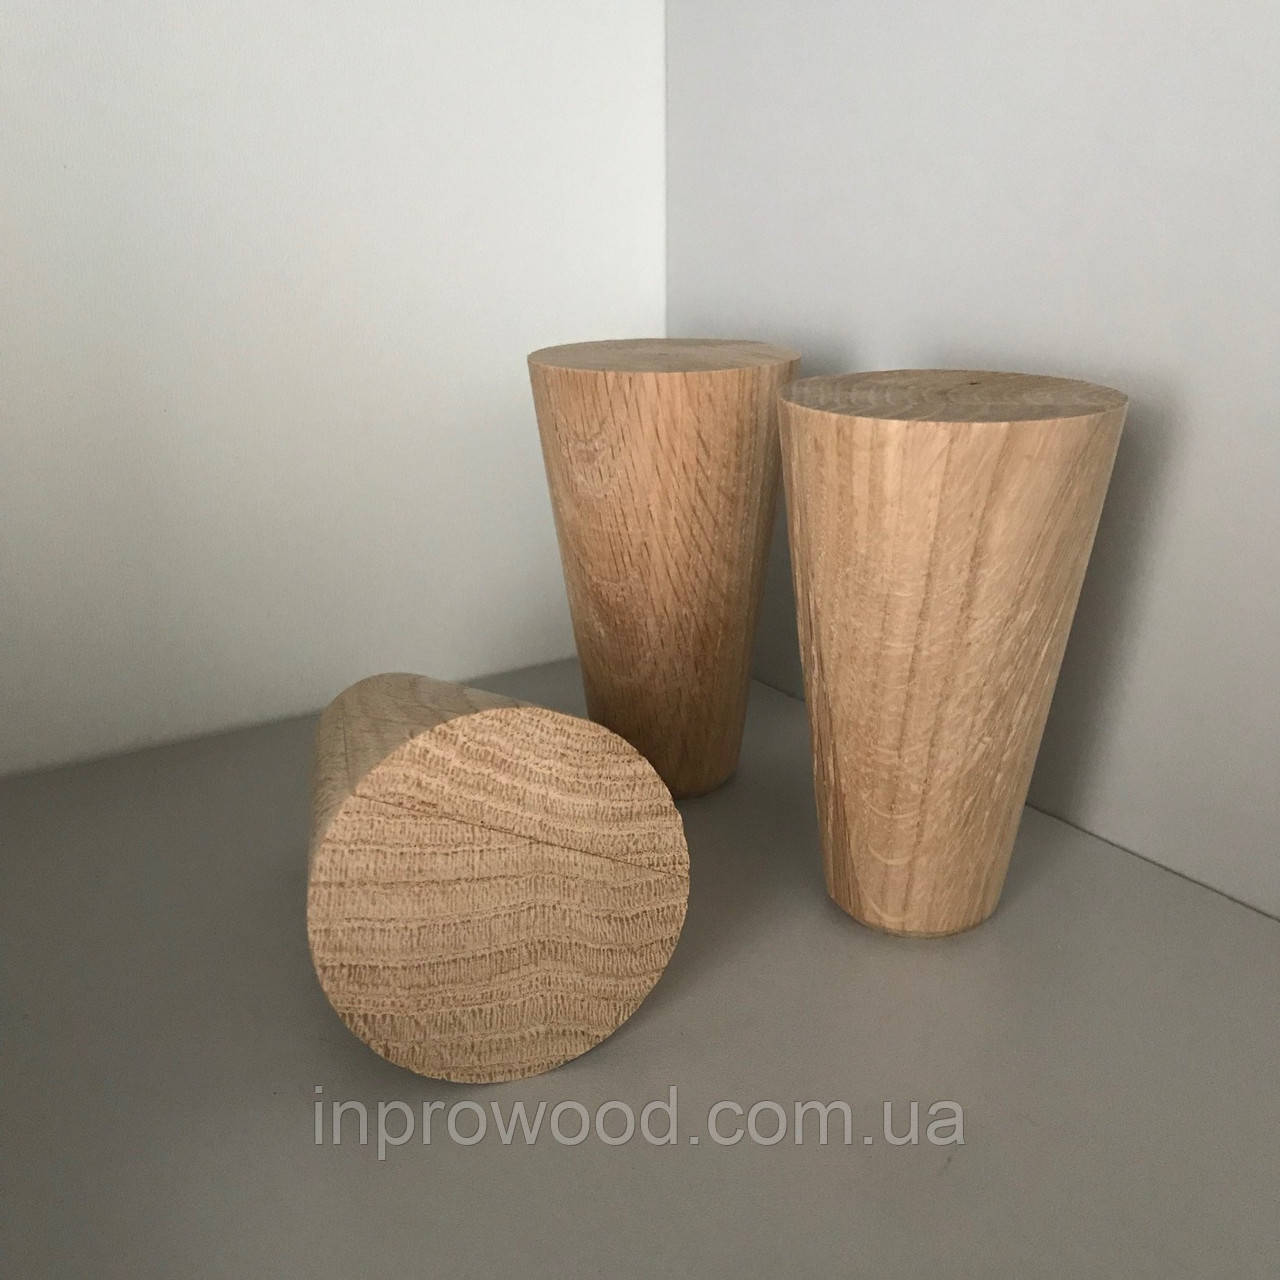 Деревянная мебельная ножка, мебельная опора Дуб 100 мм